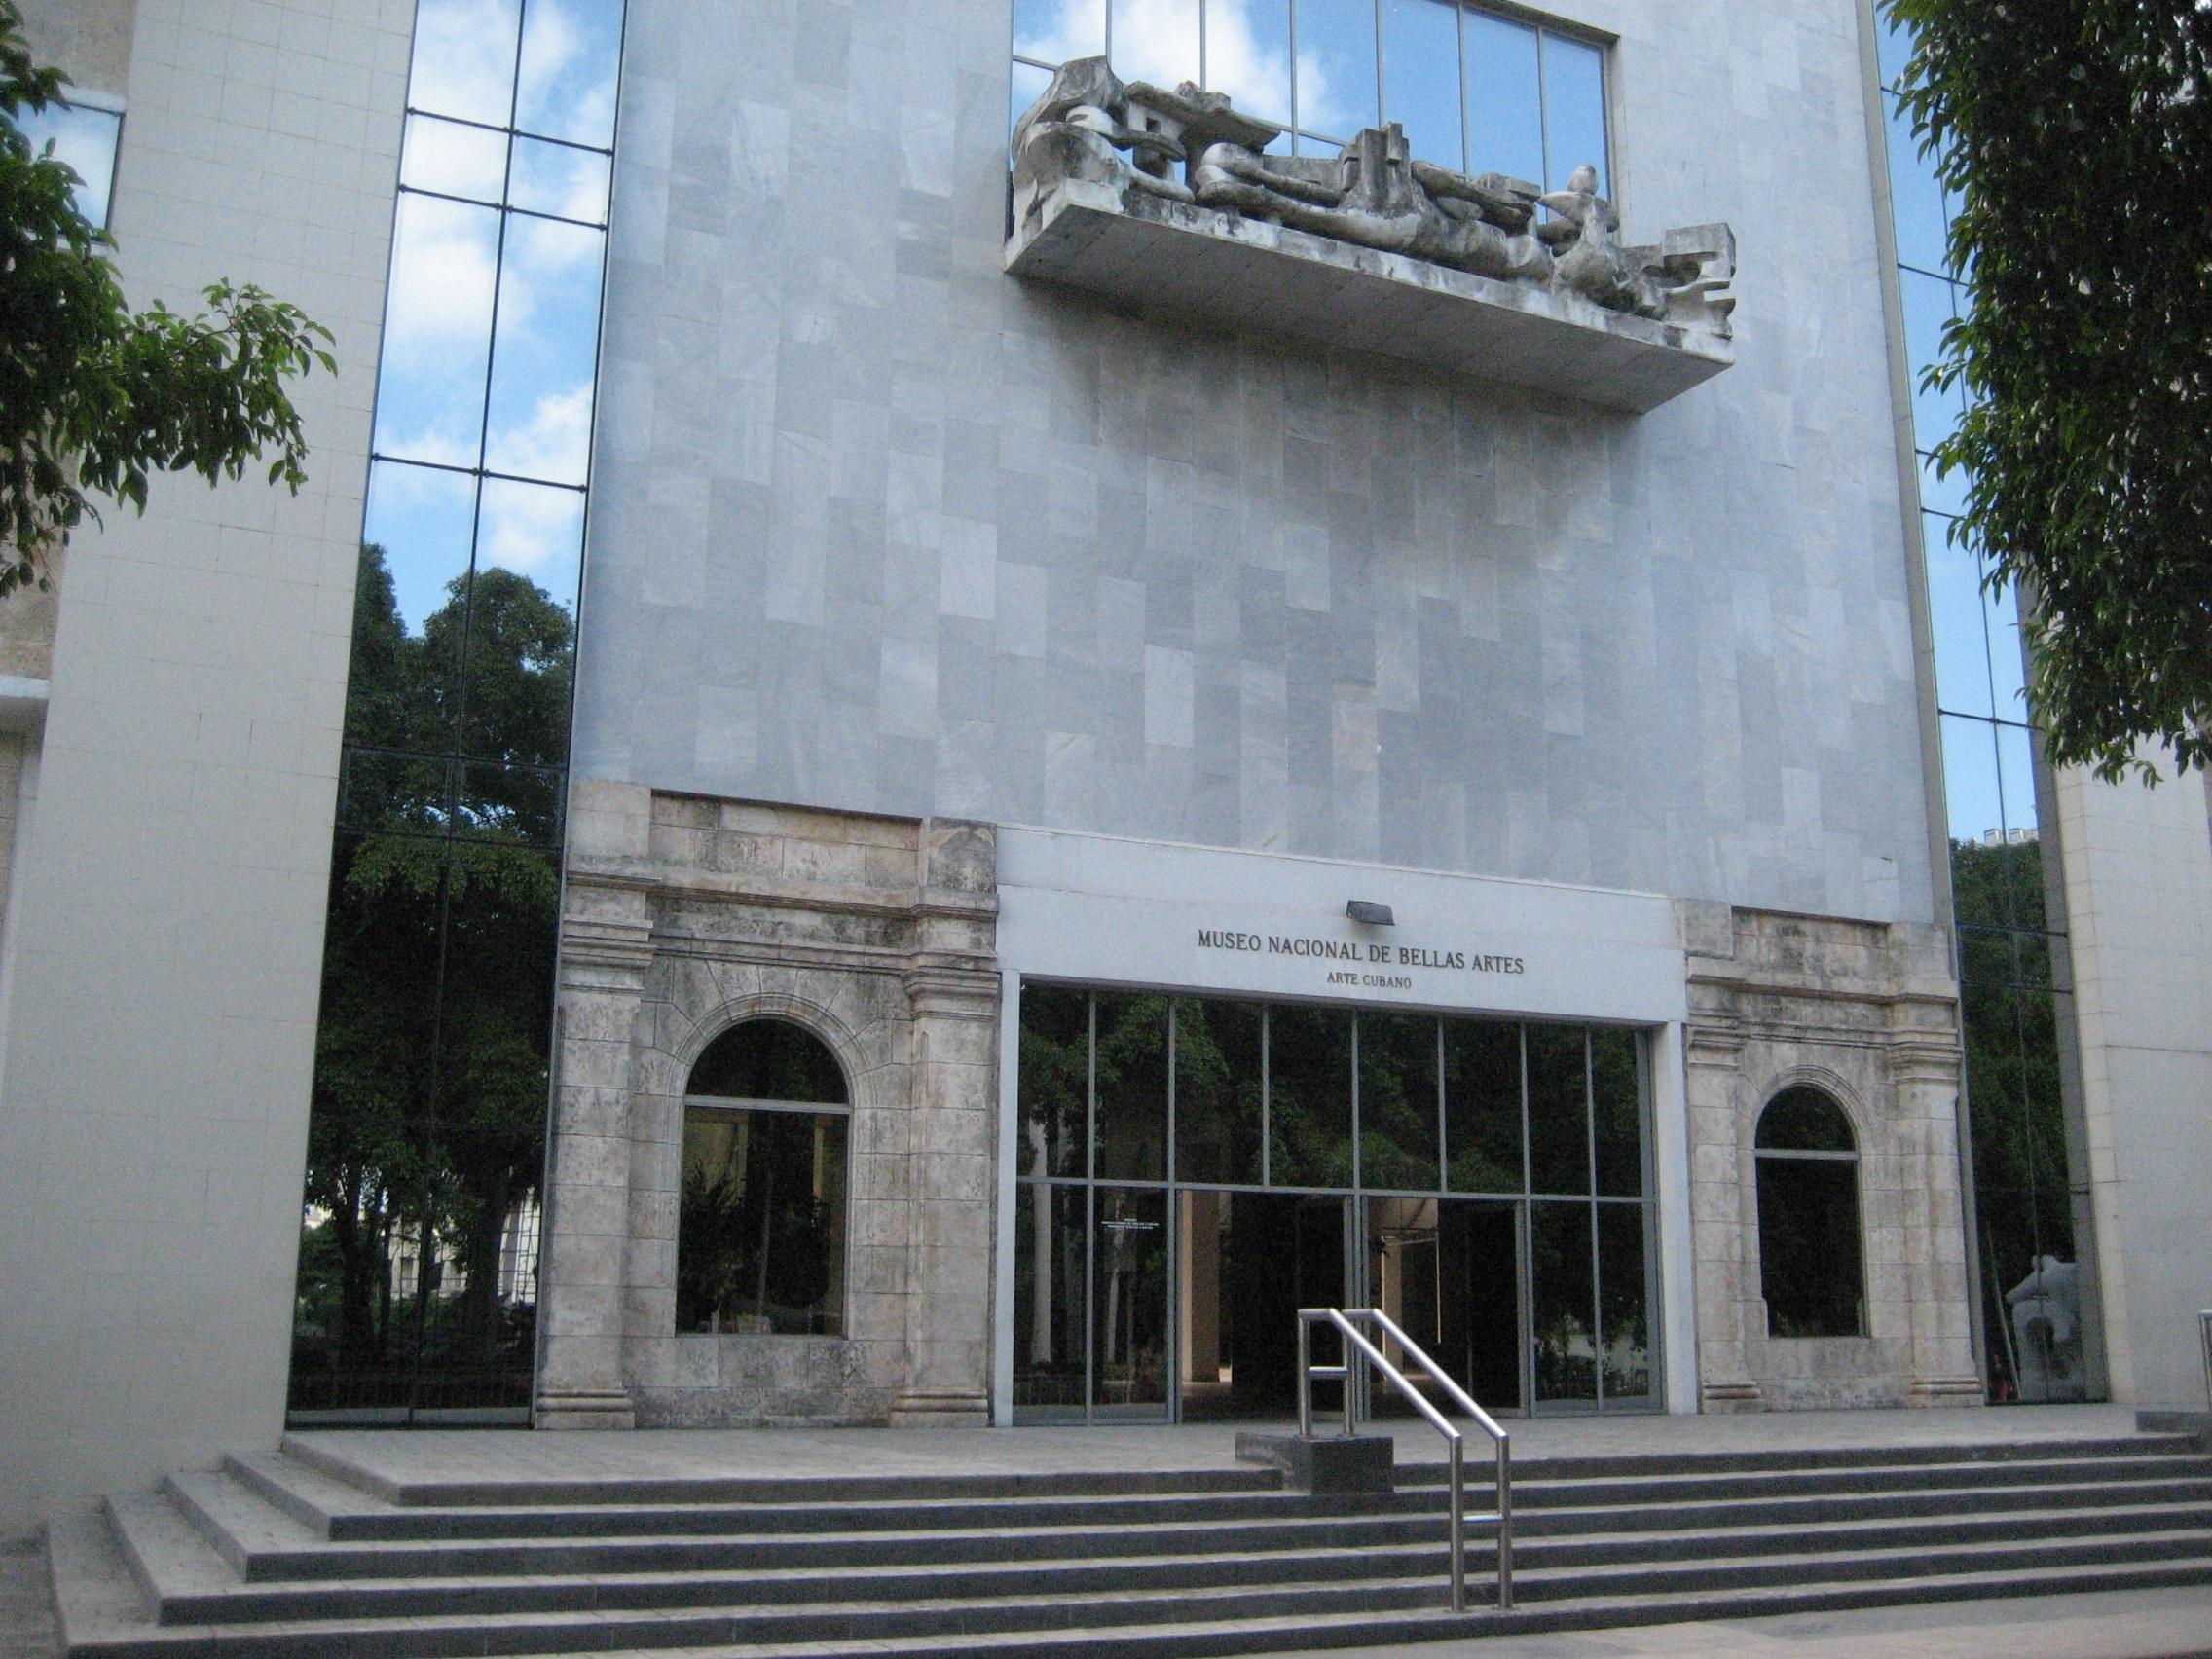 Museo Nacional de Bellas Artes de La Habana - Havana  museum